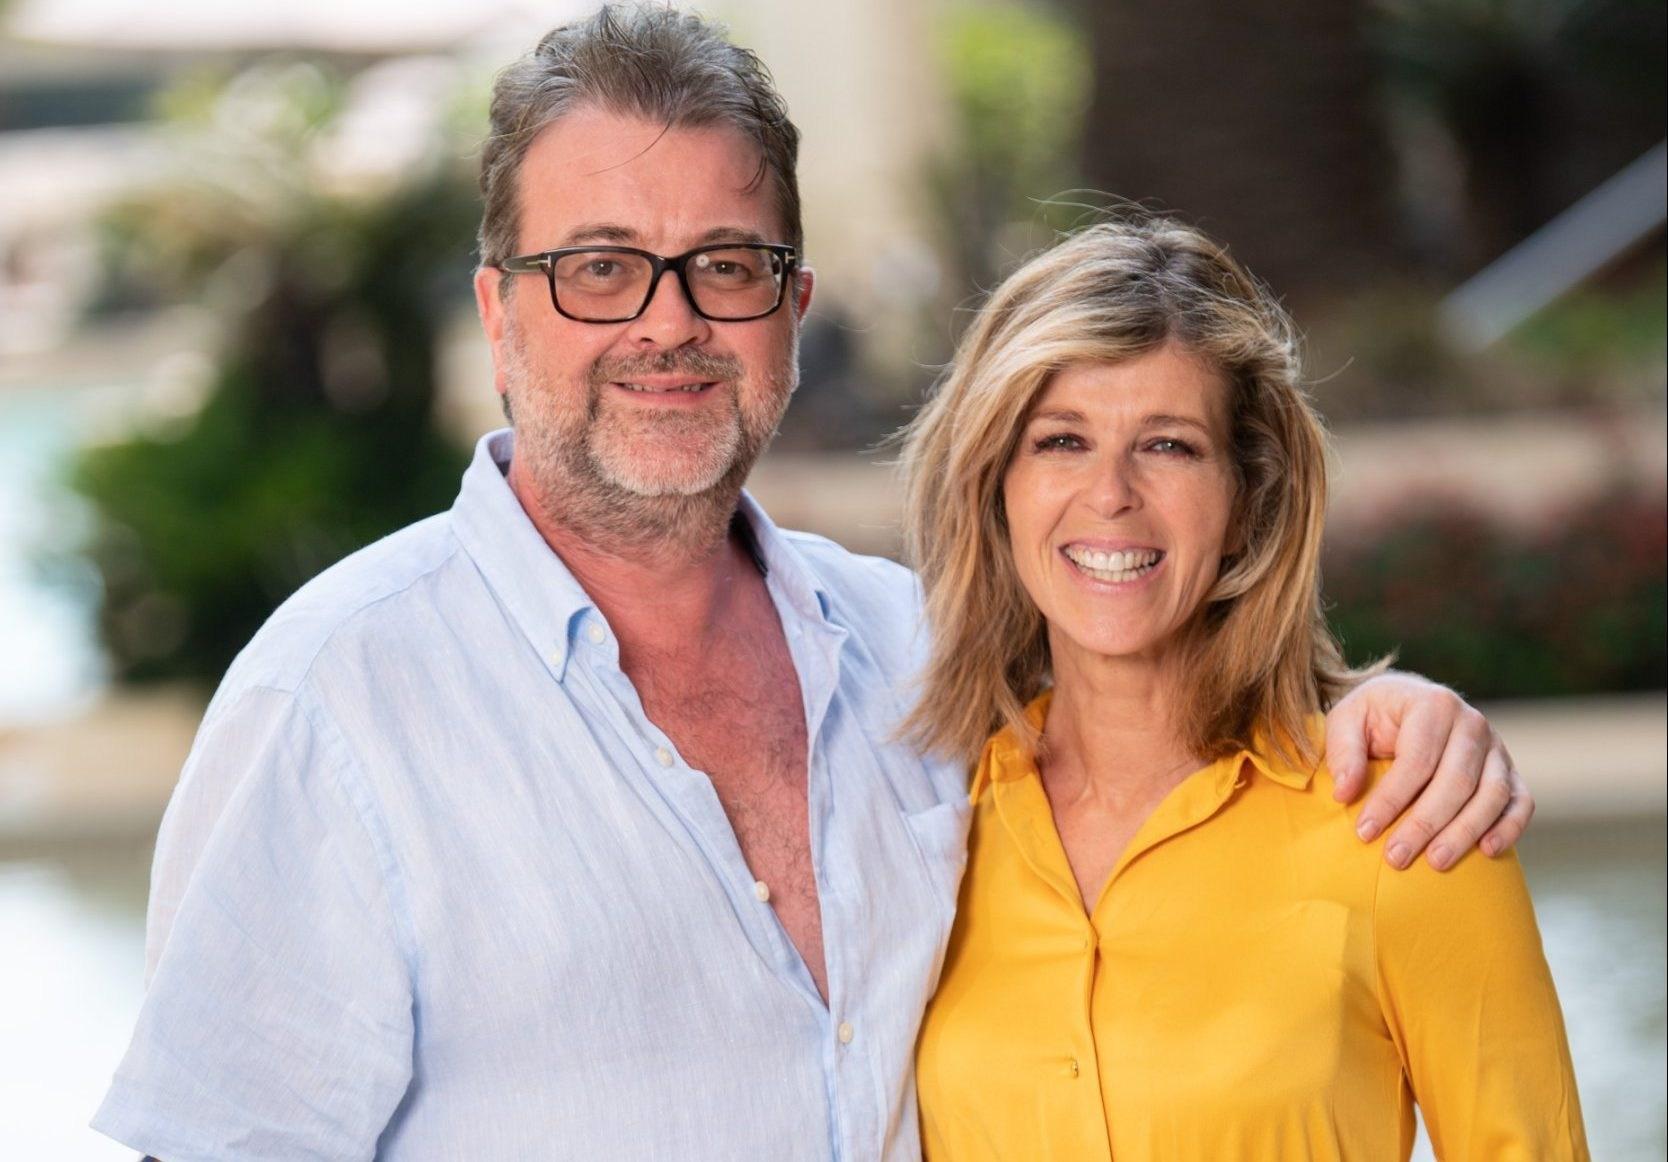 Kate Garraway shares message as fan lights candle for husband Derek amid coronavirus battle